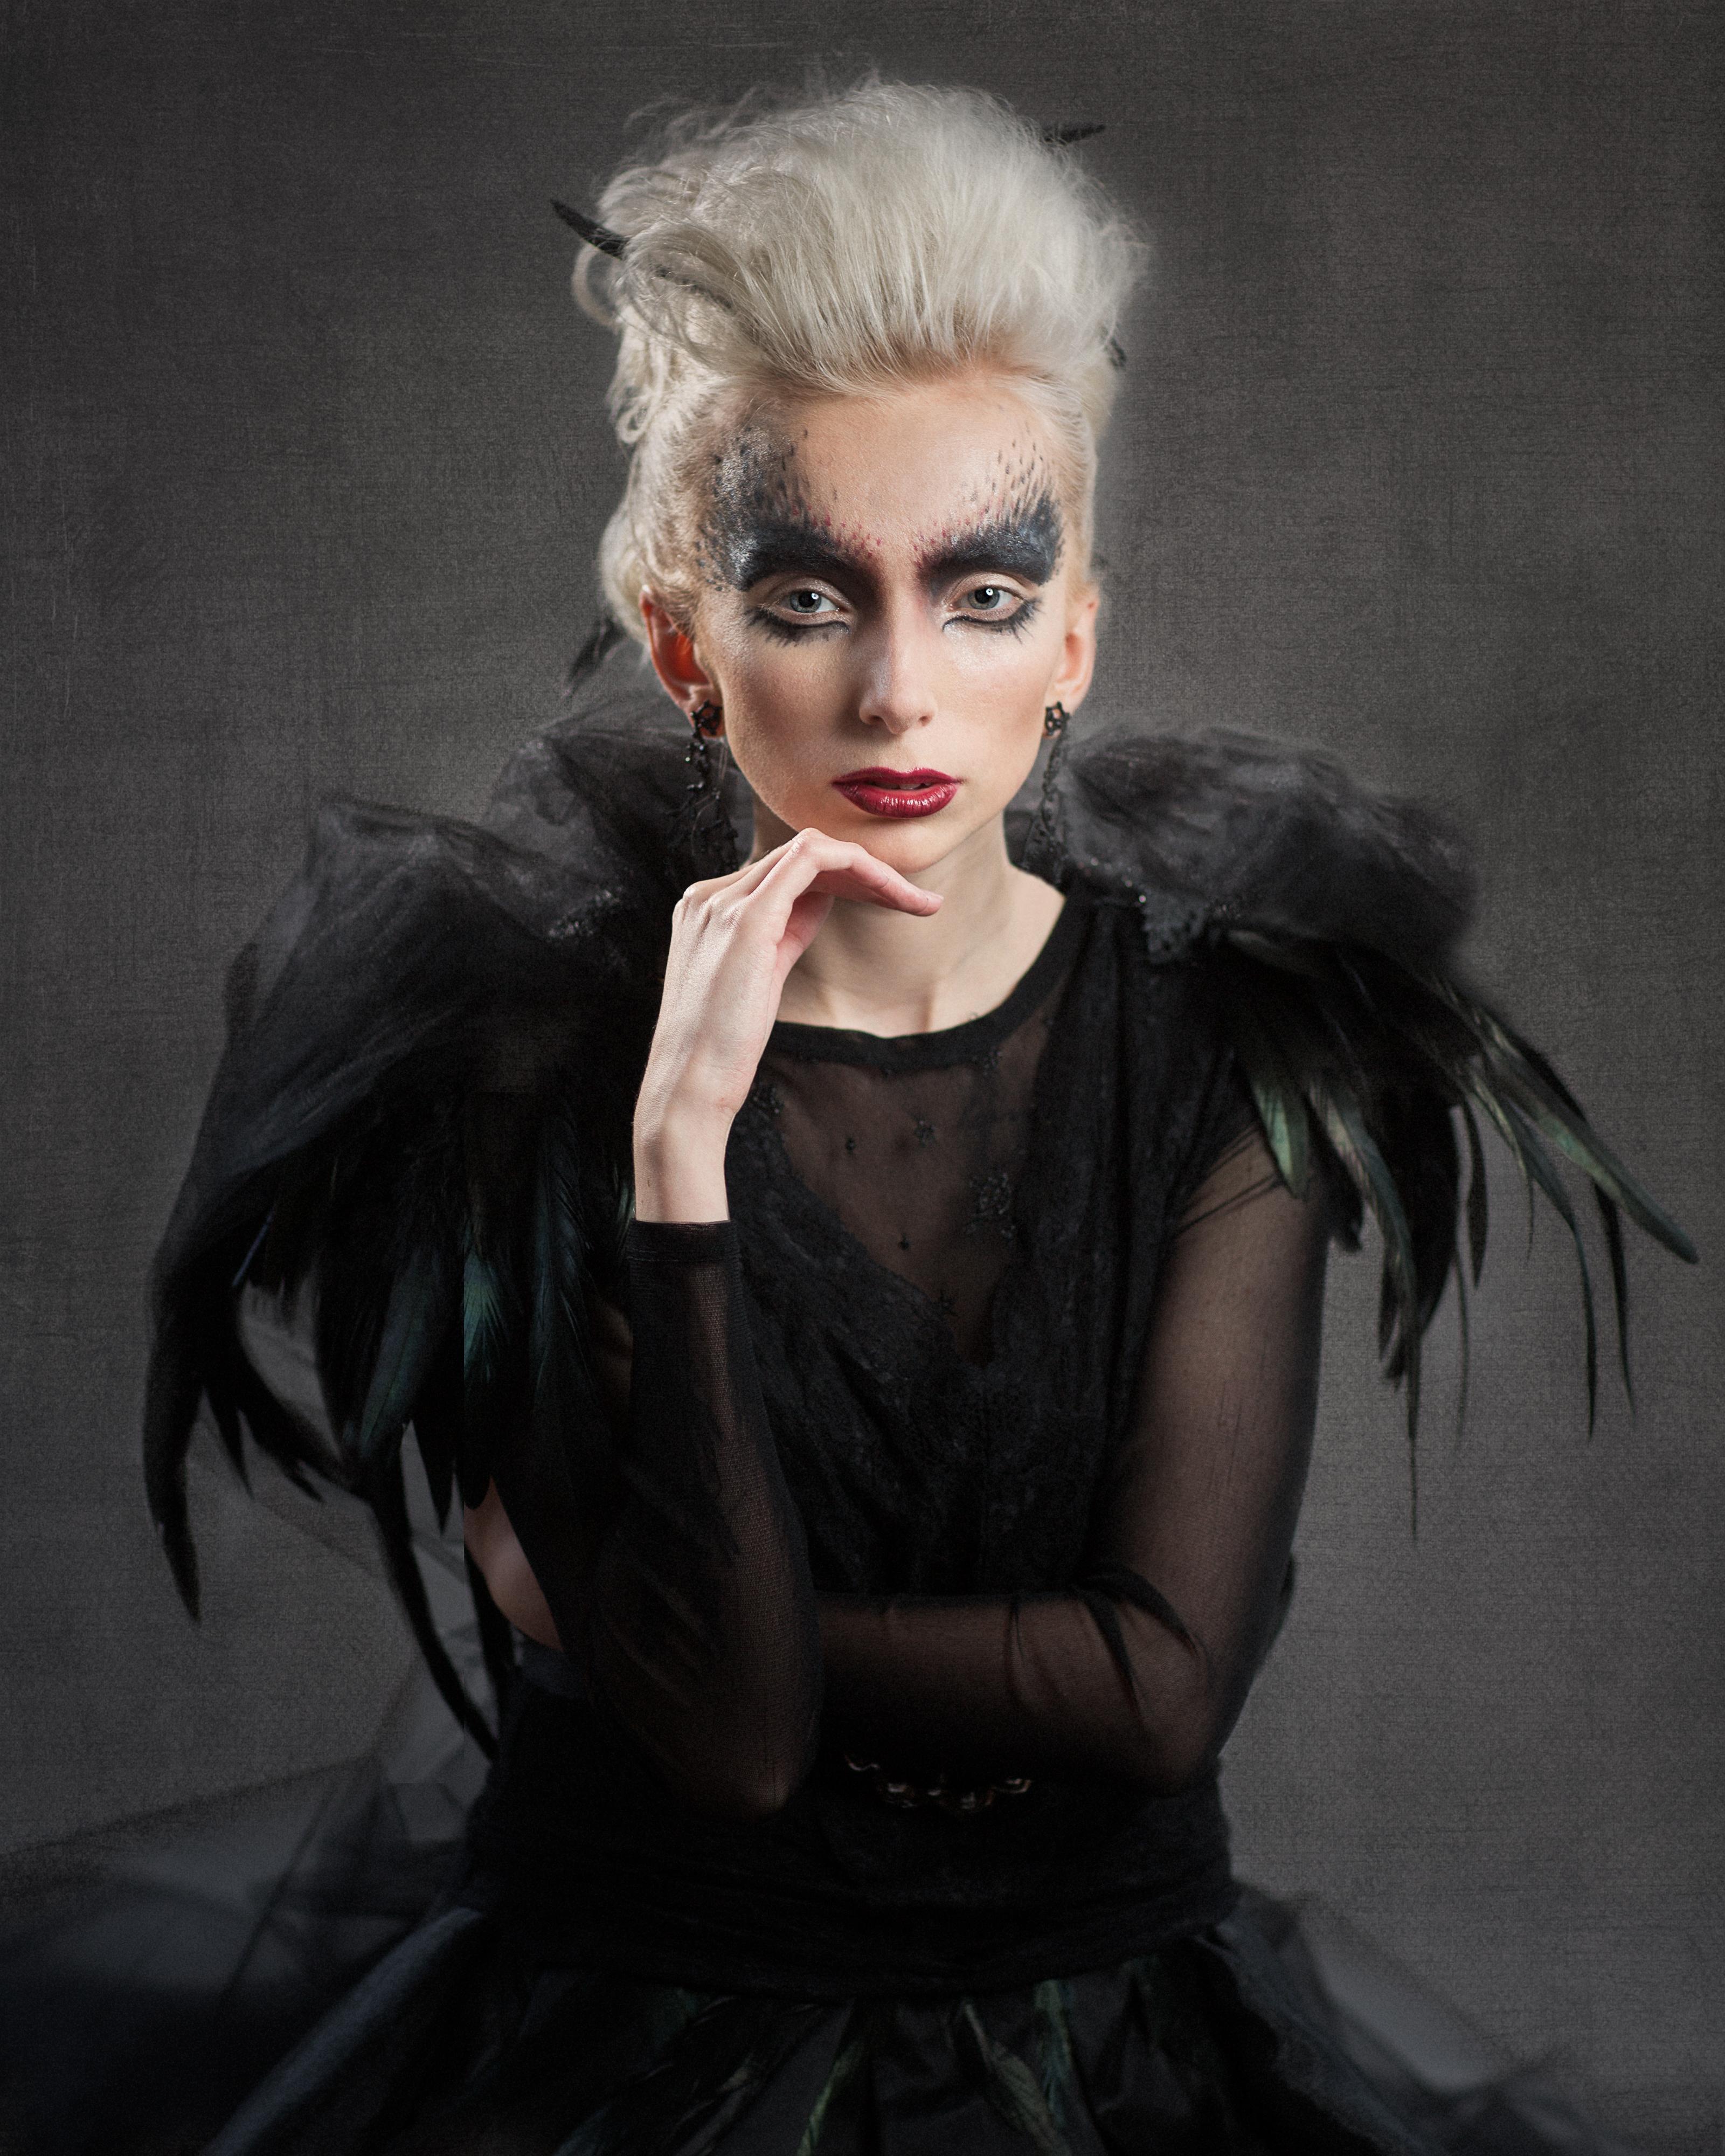 Porträtt_18_QueenOfBirds-1